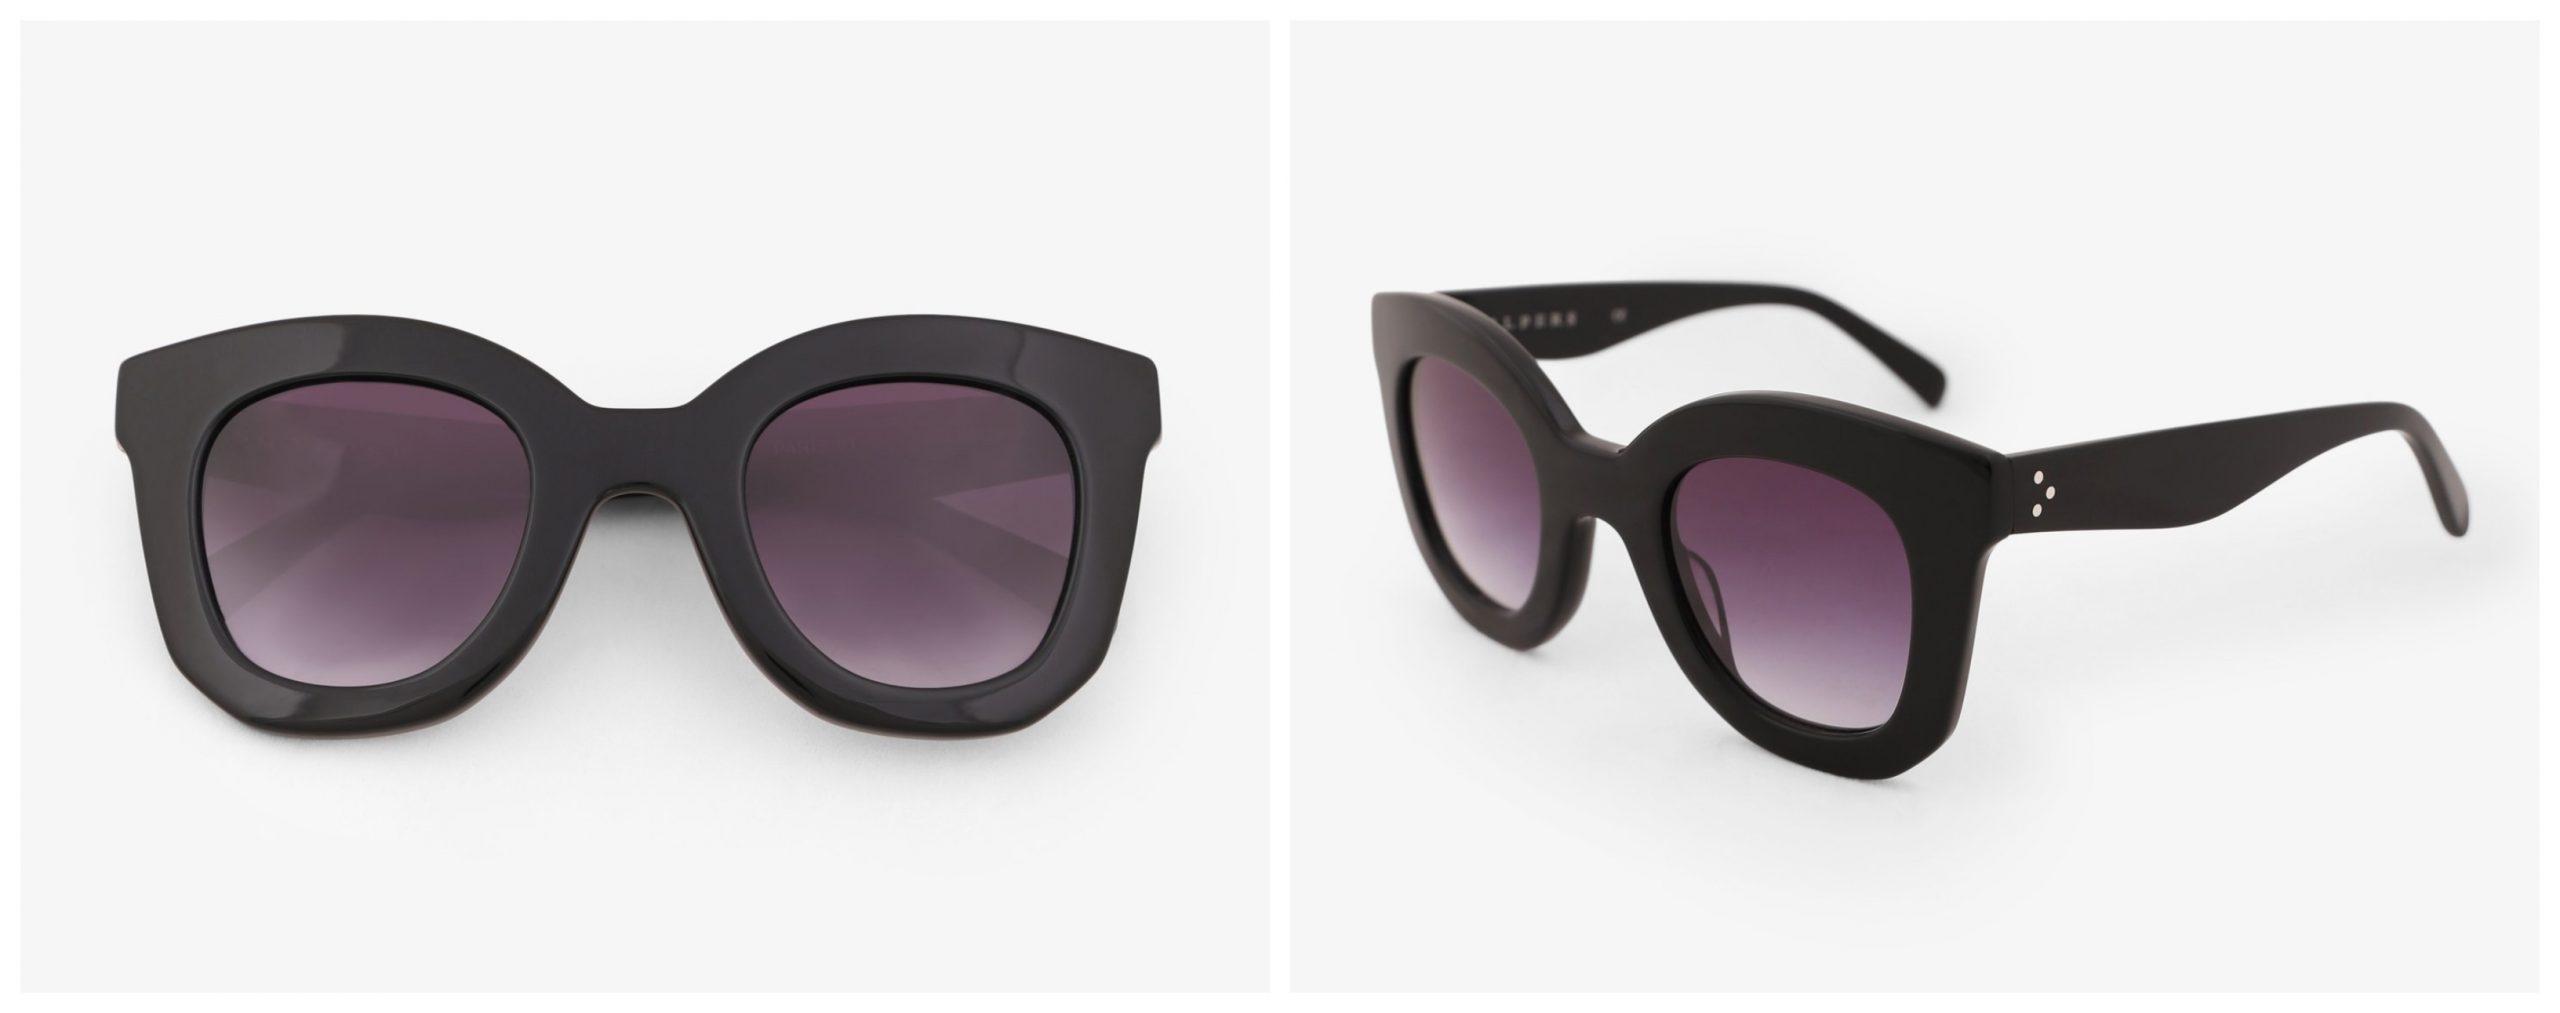 Gafas de montura grande de scalpers, color negro